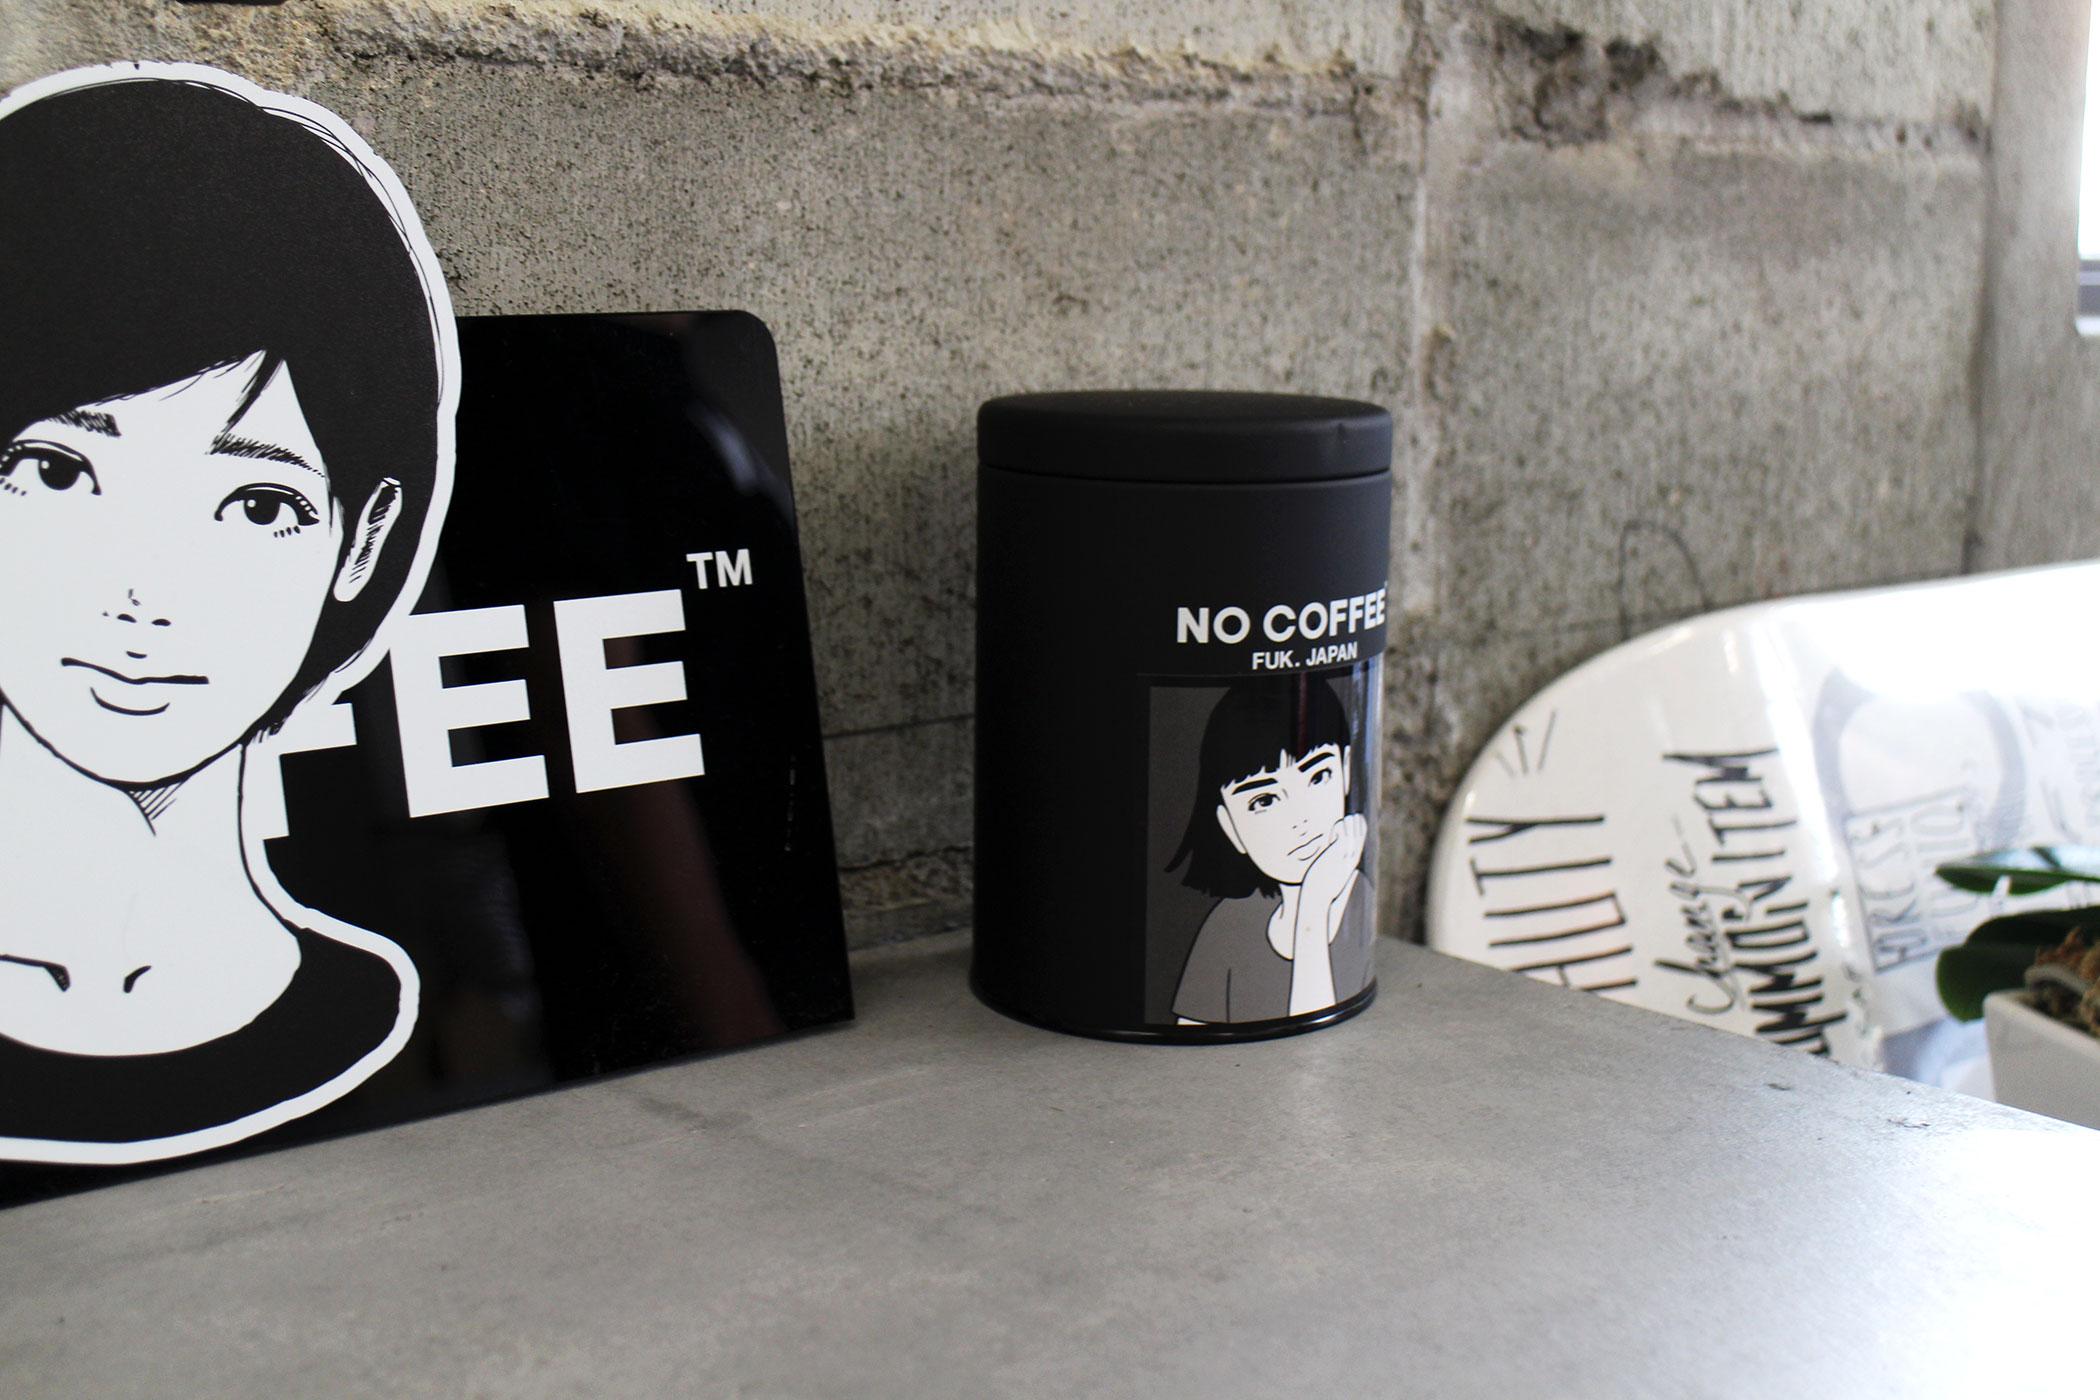 2017年9月に追加したNEWショップ NO COFFEE ノーコーヒー 福岡